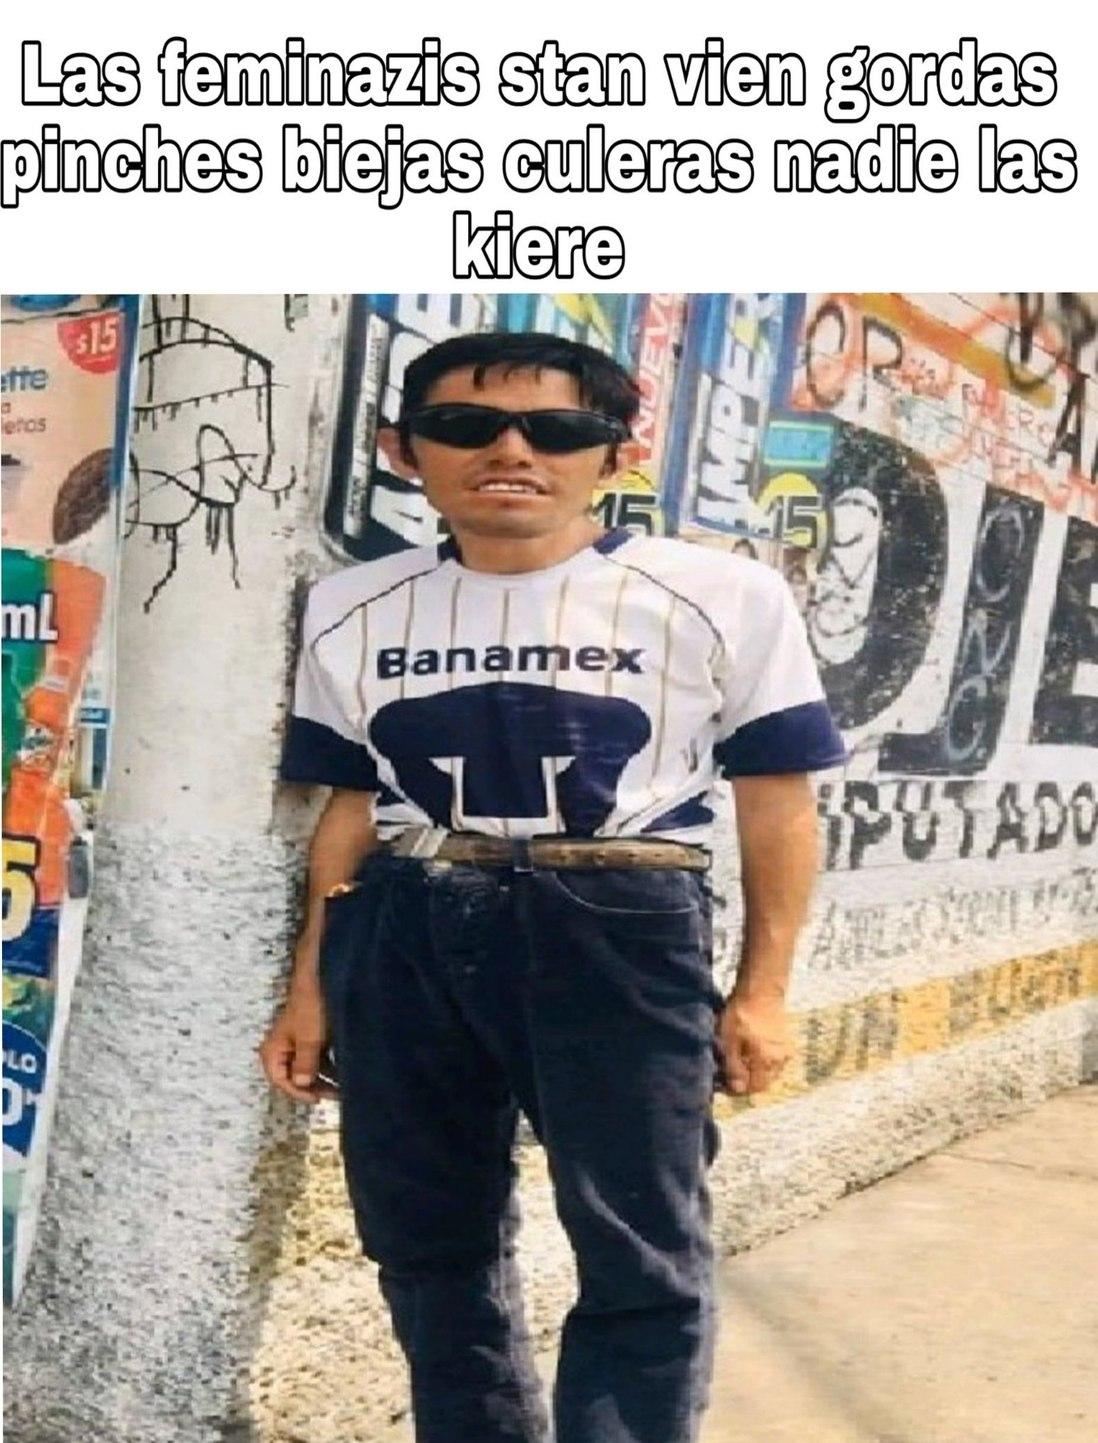 Vaato urgido promedio - meme